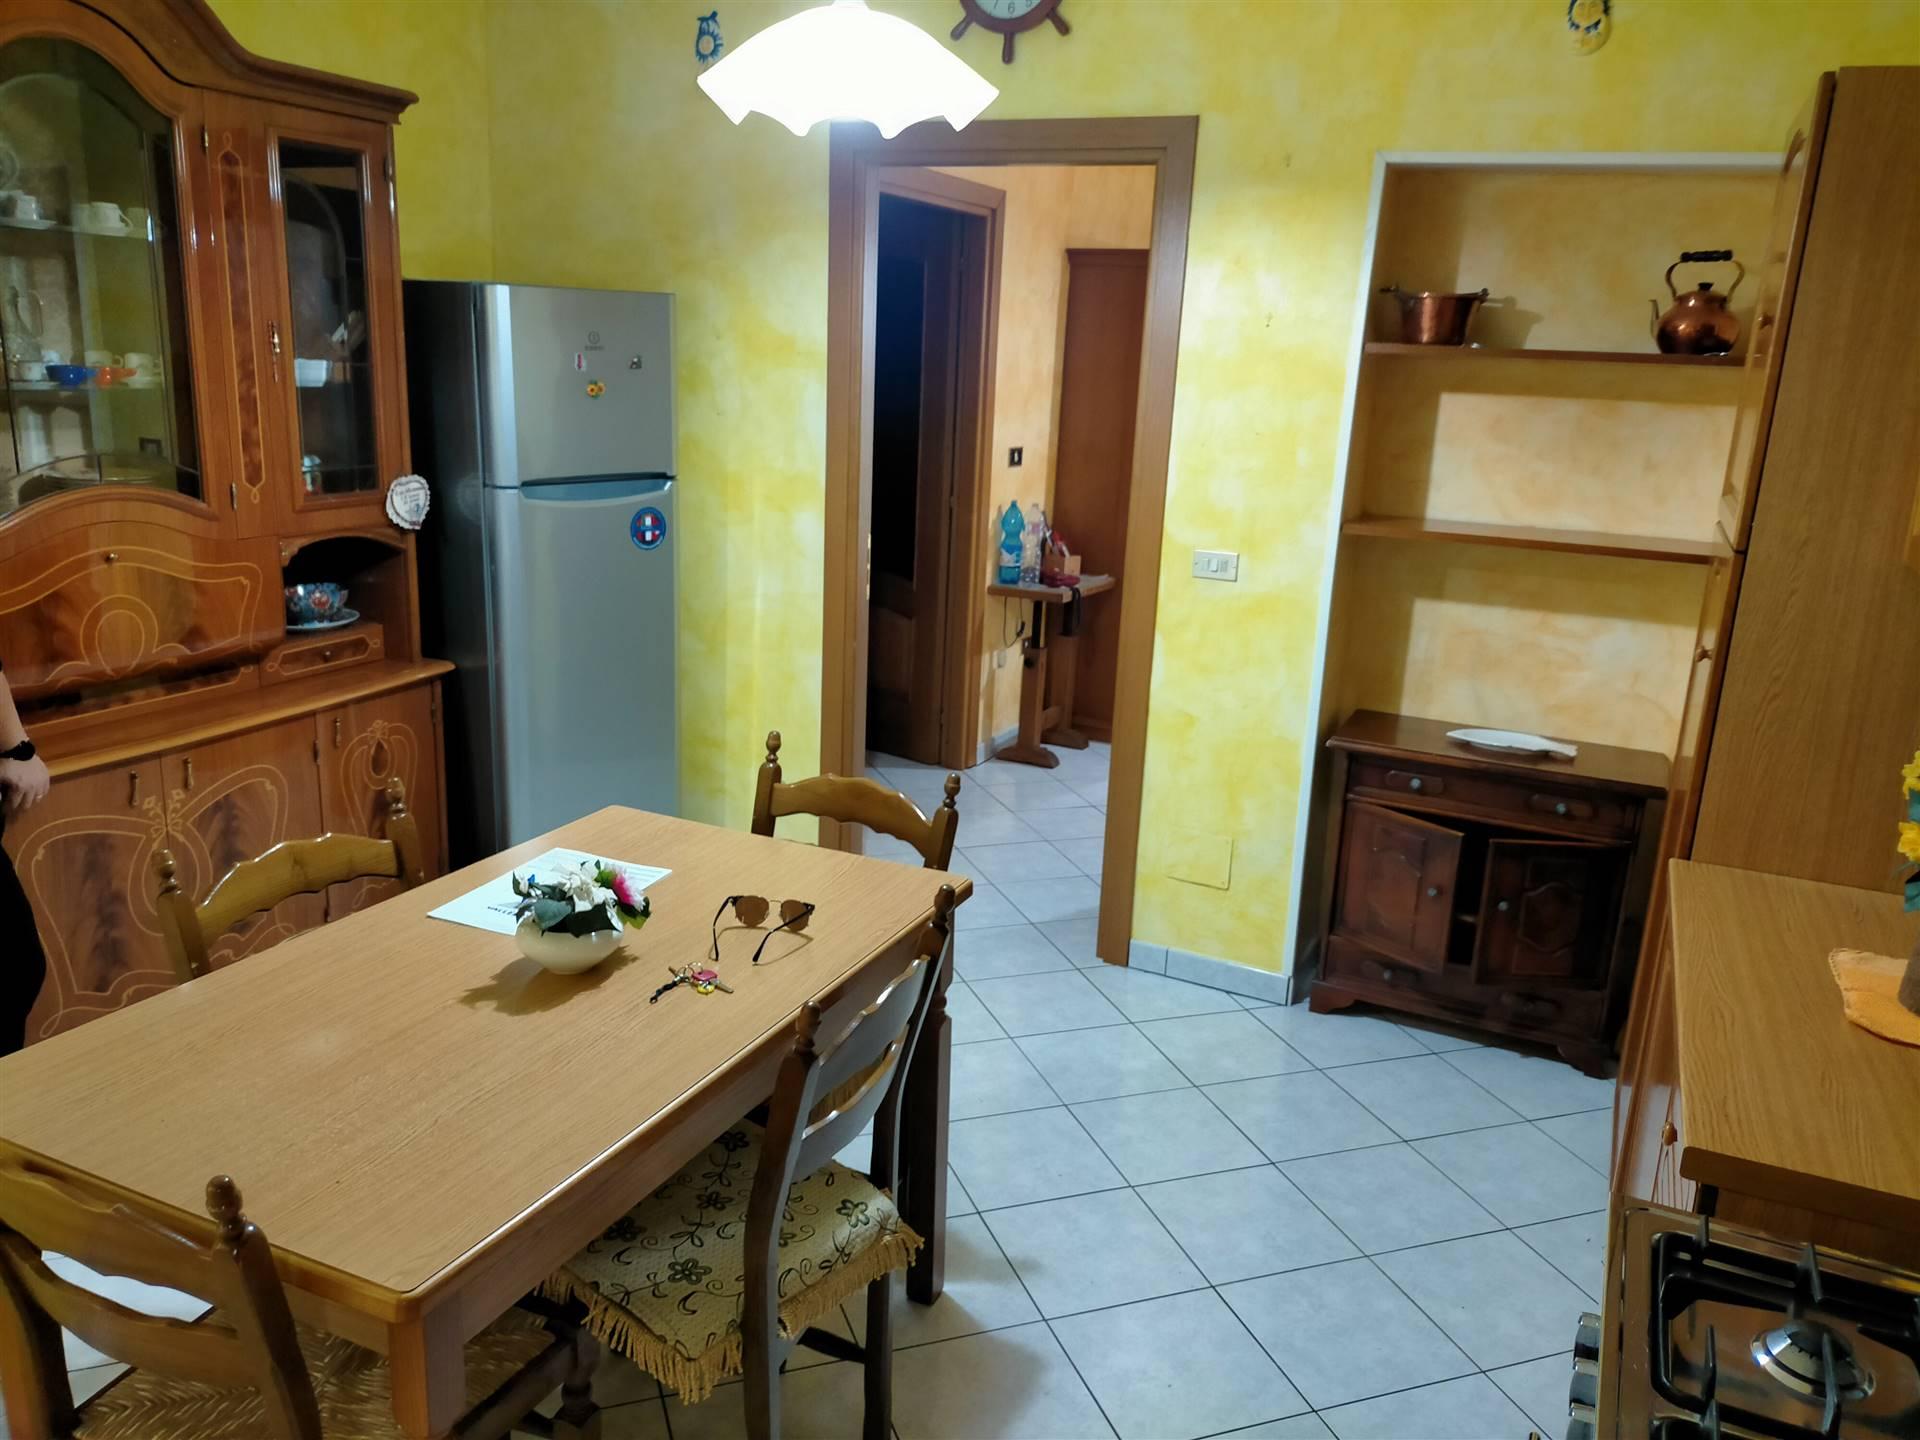 Soluzione Indipendente in vendita a Aosta, 3 locali, zona Zona: Periferia, prezzo € 108.000 | CambioCasa.it